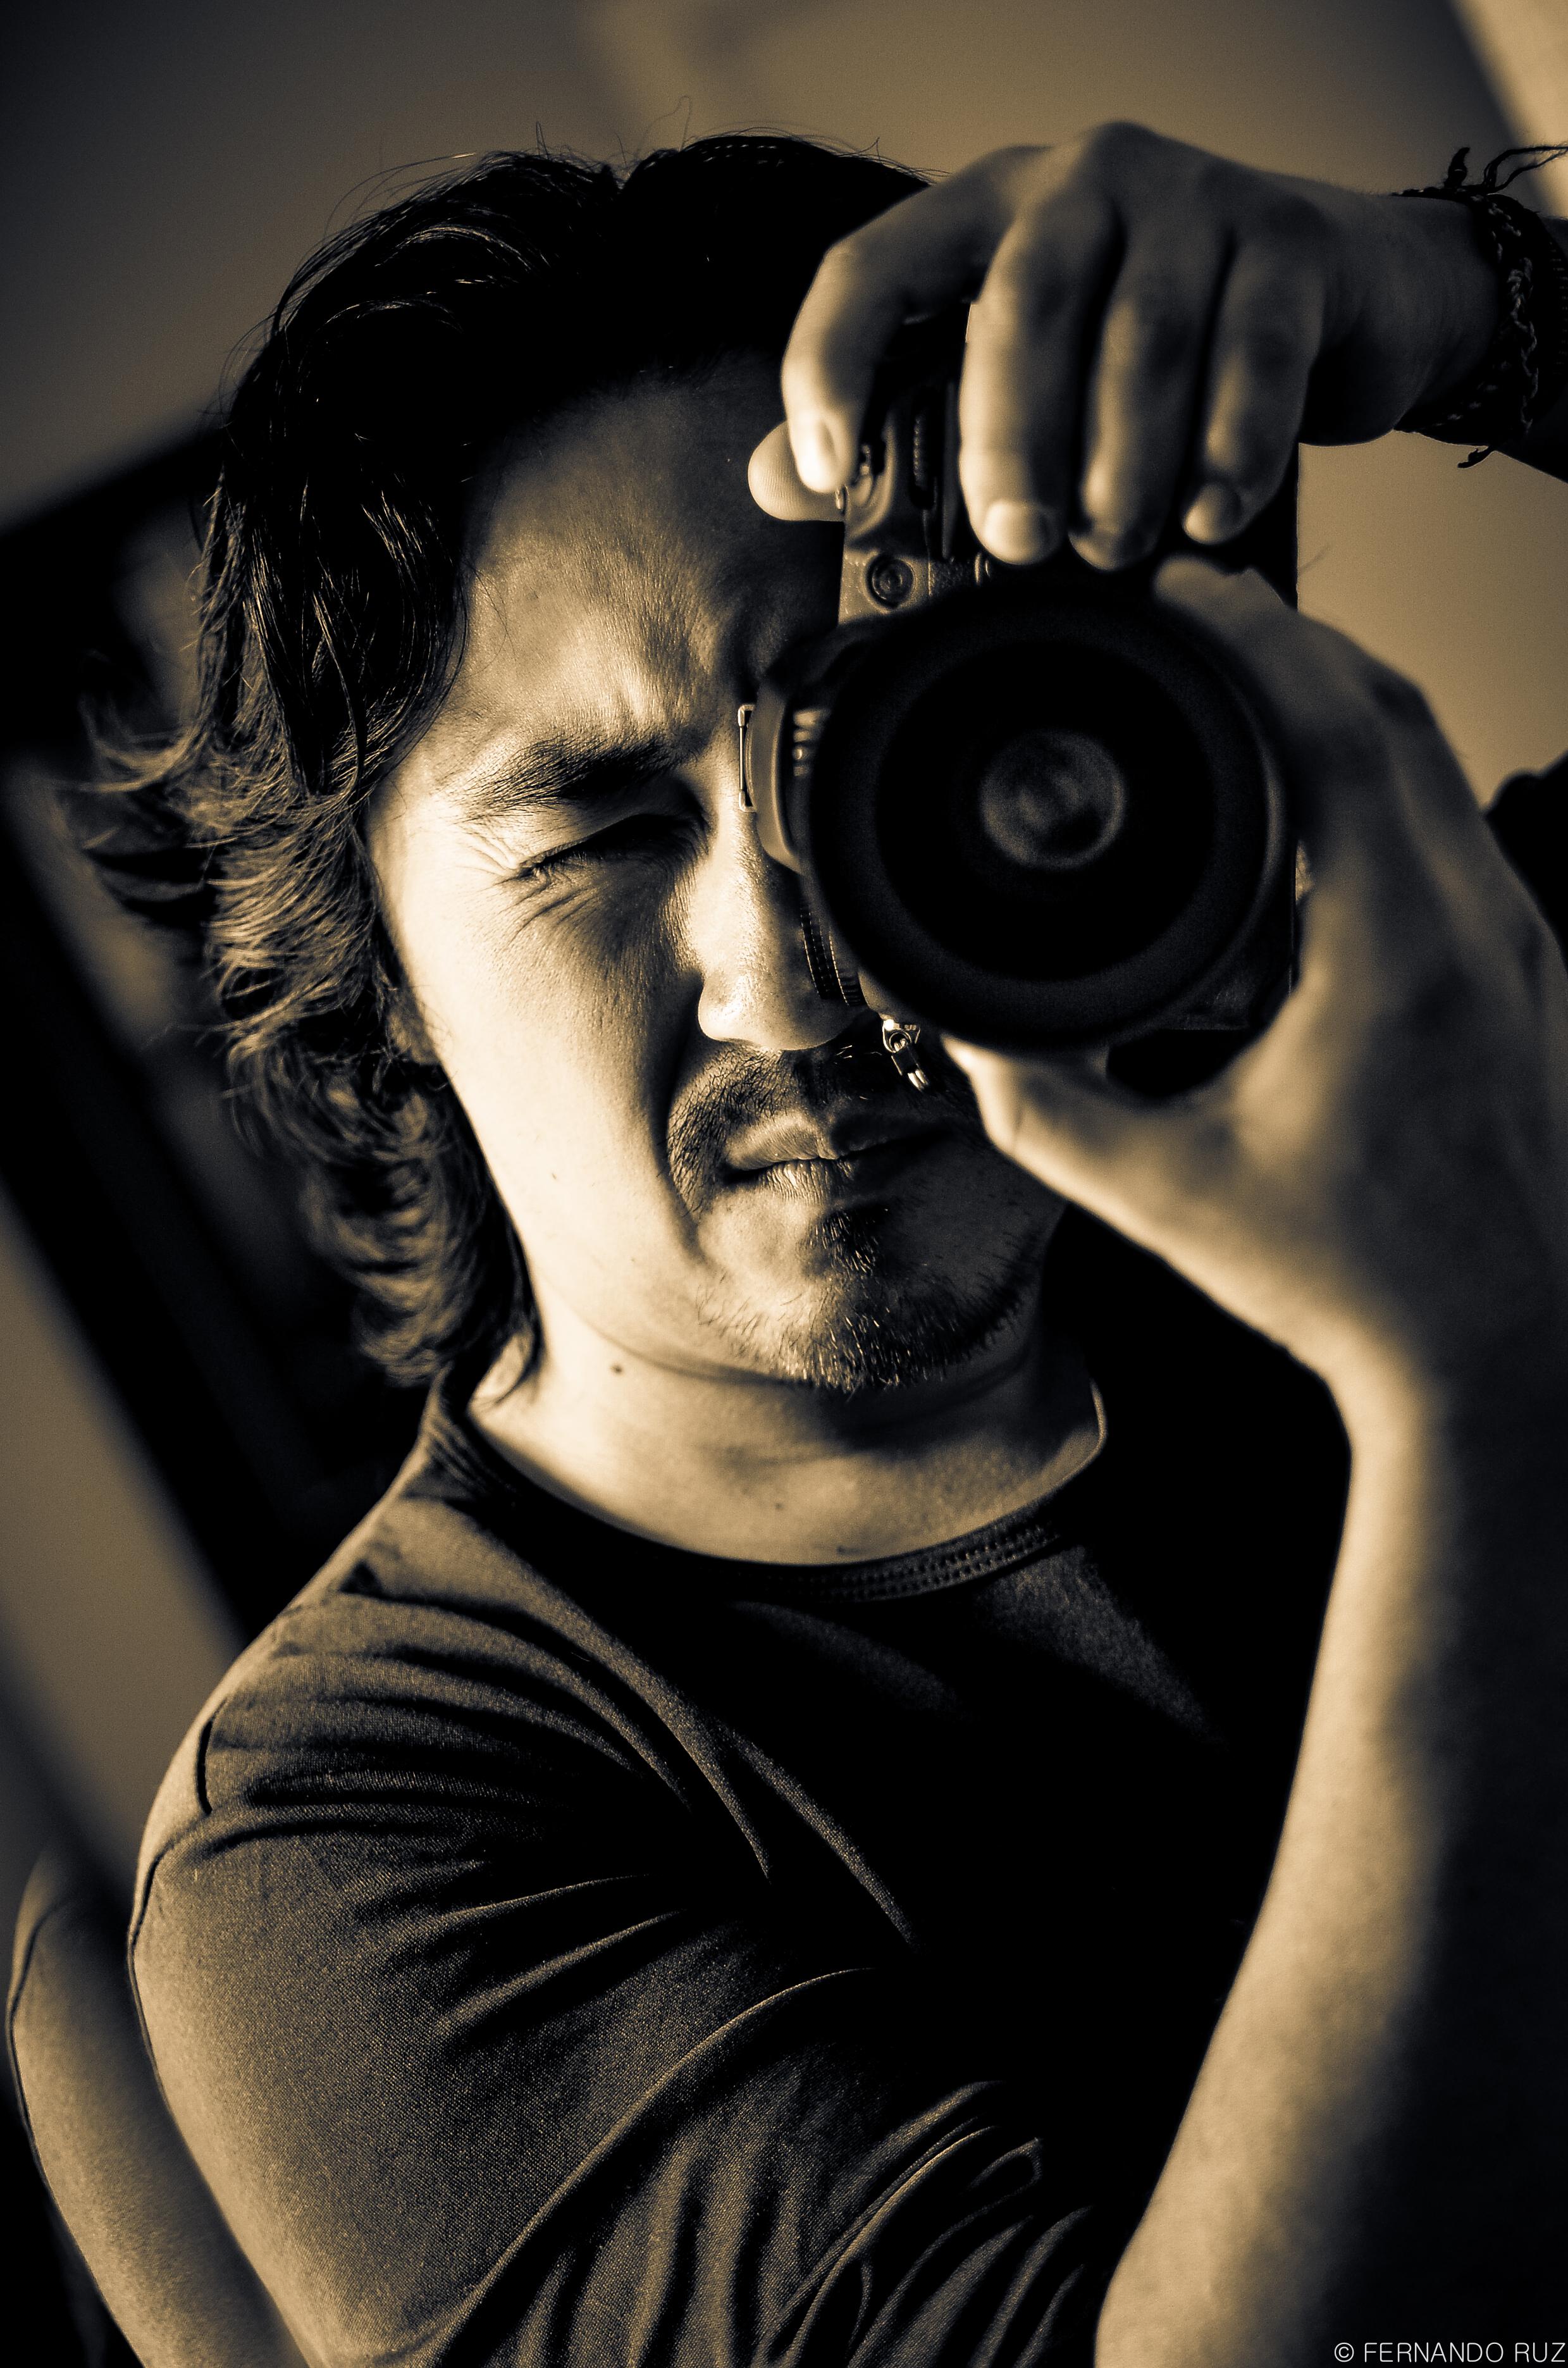 retratofernando